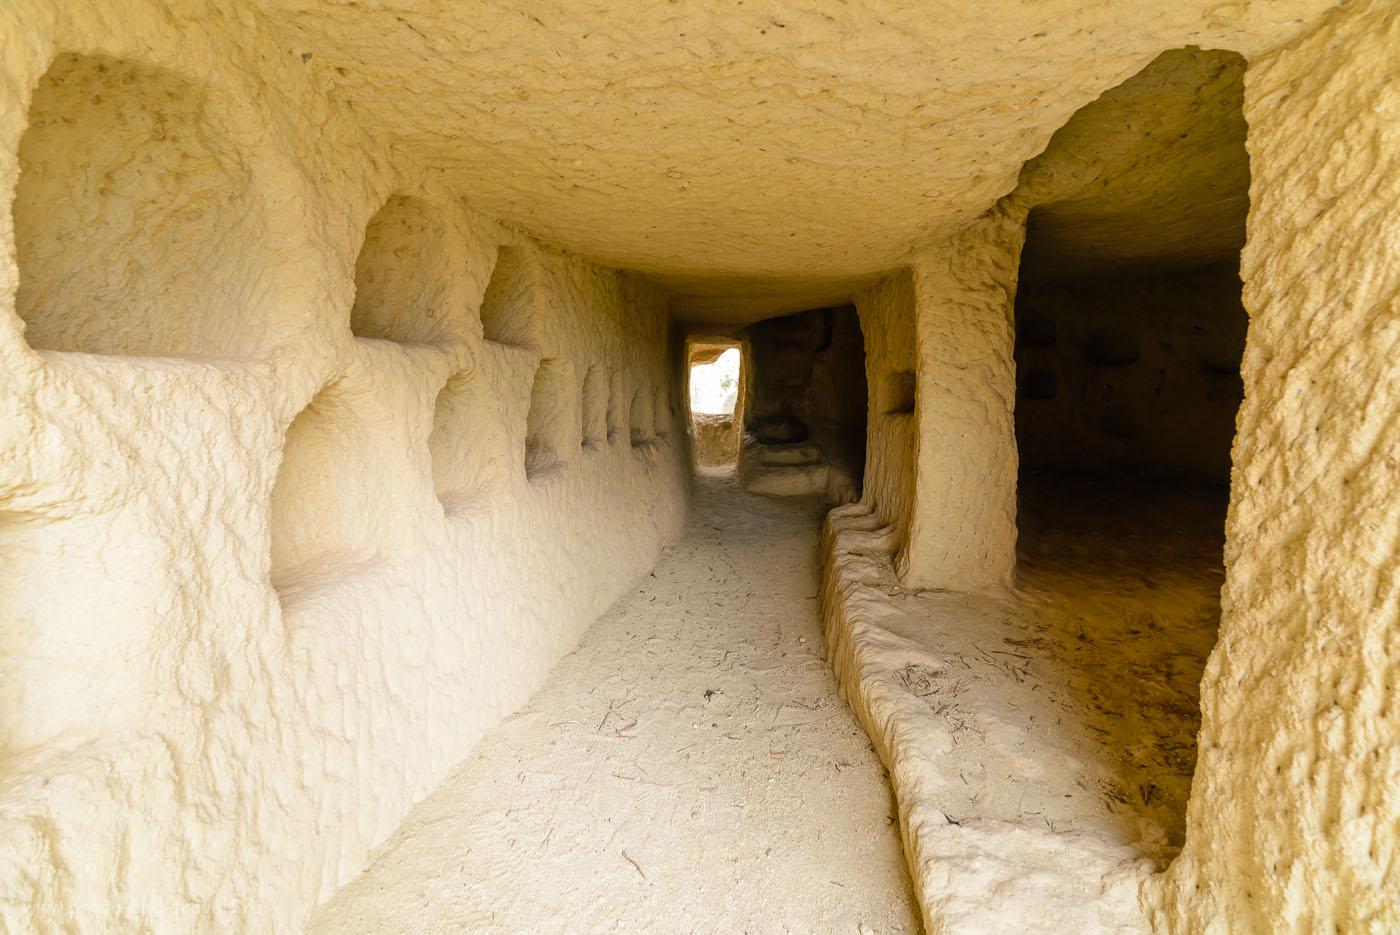 Фото 28. Так выглядят пещеры Каппадокии внутри. Отзыв об отдыхе в Турции в мае. Поездка по стране на авто. 1/30, -0.67, 8.0, 320, 14.